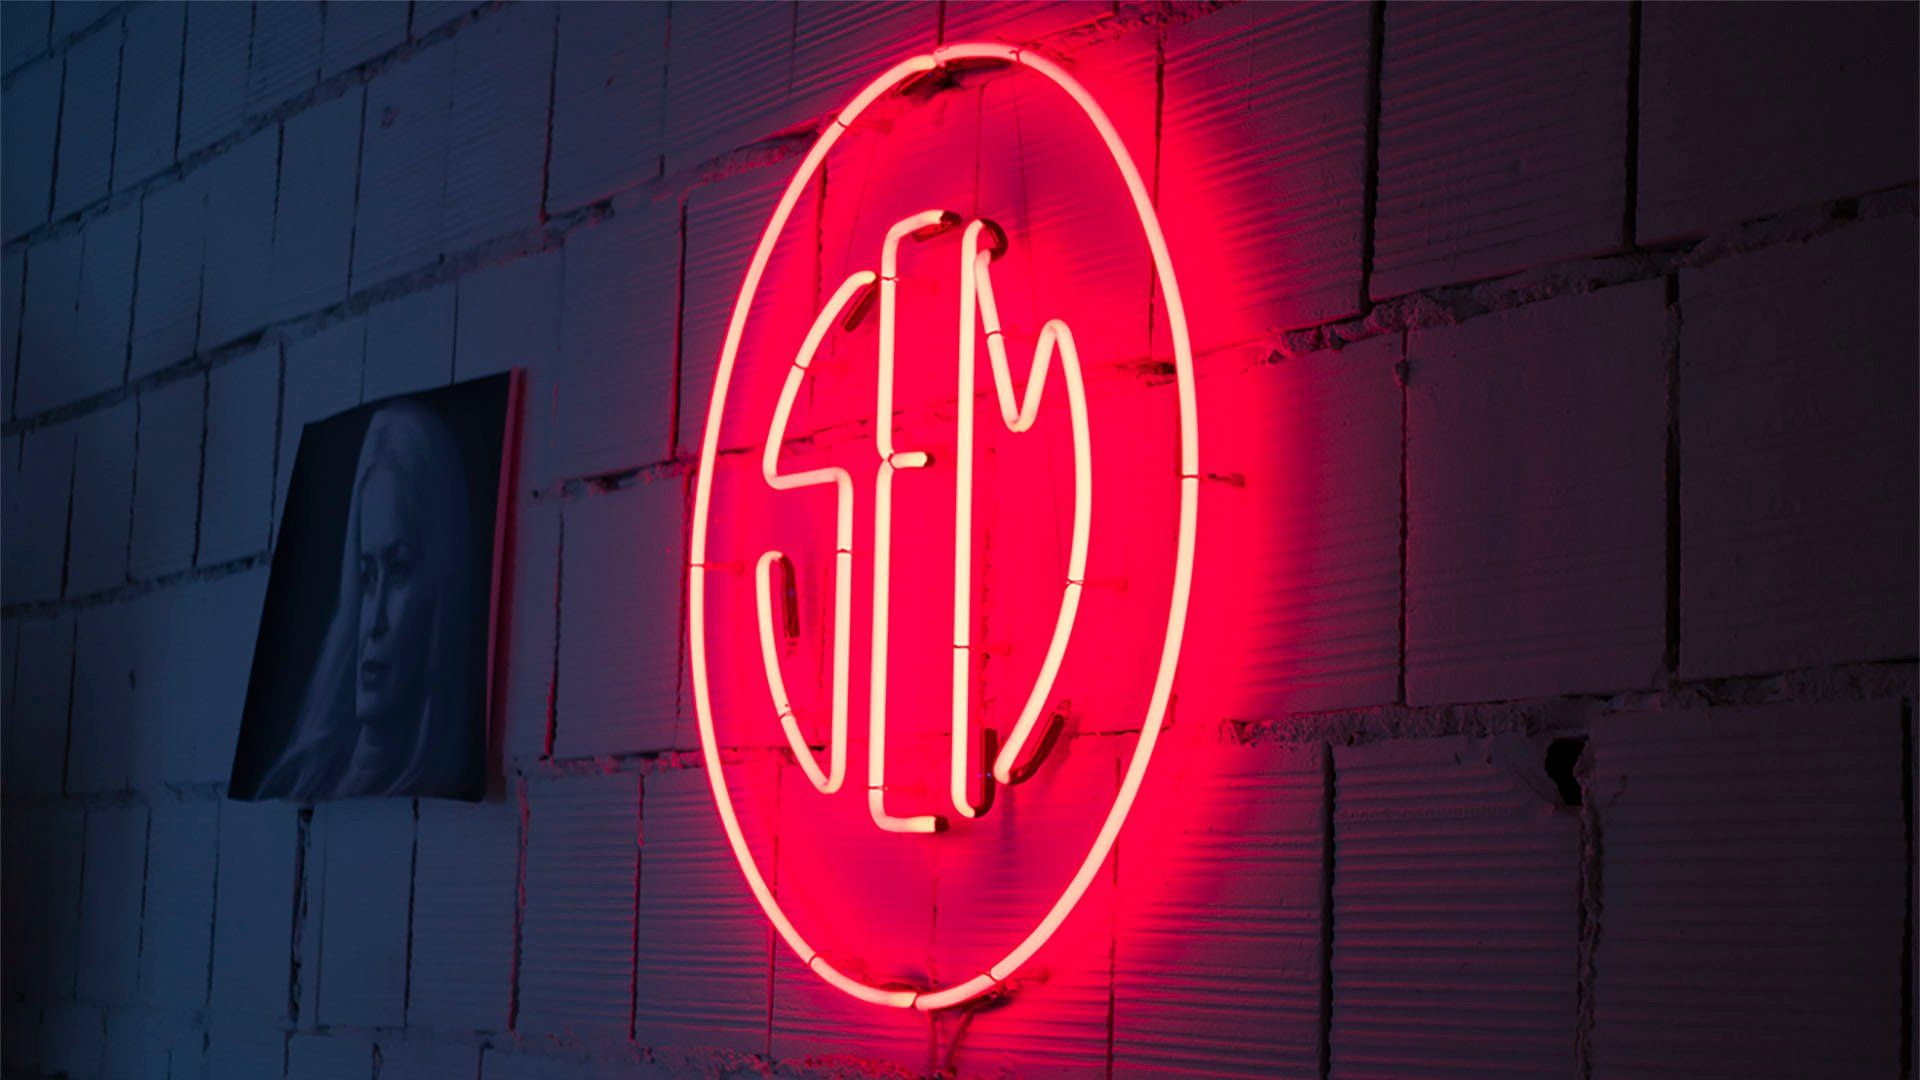 Il bellissimo logo SEM che richiama gli anni '70